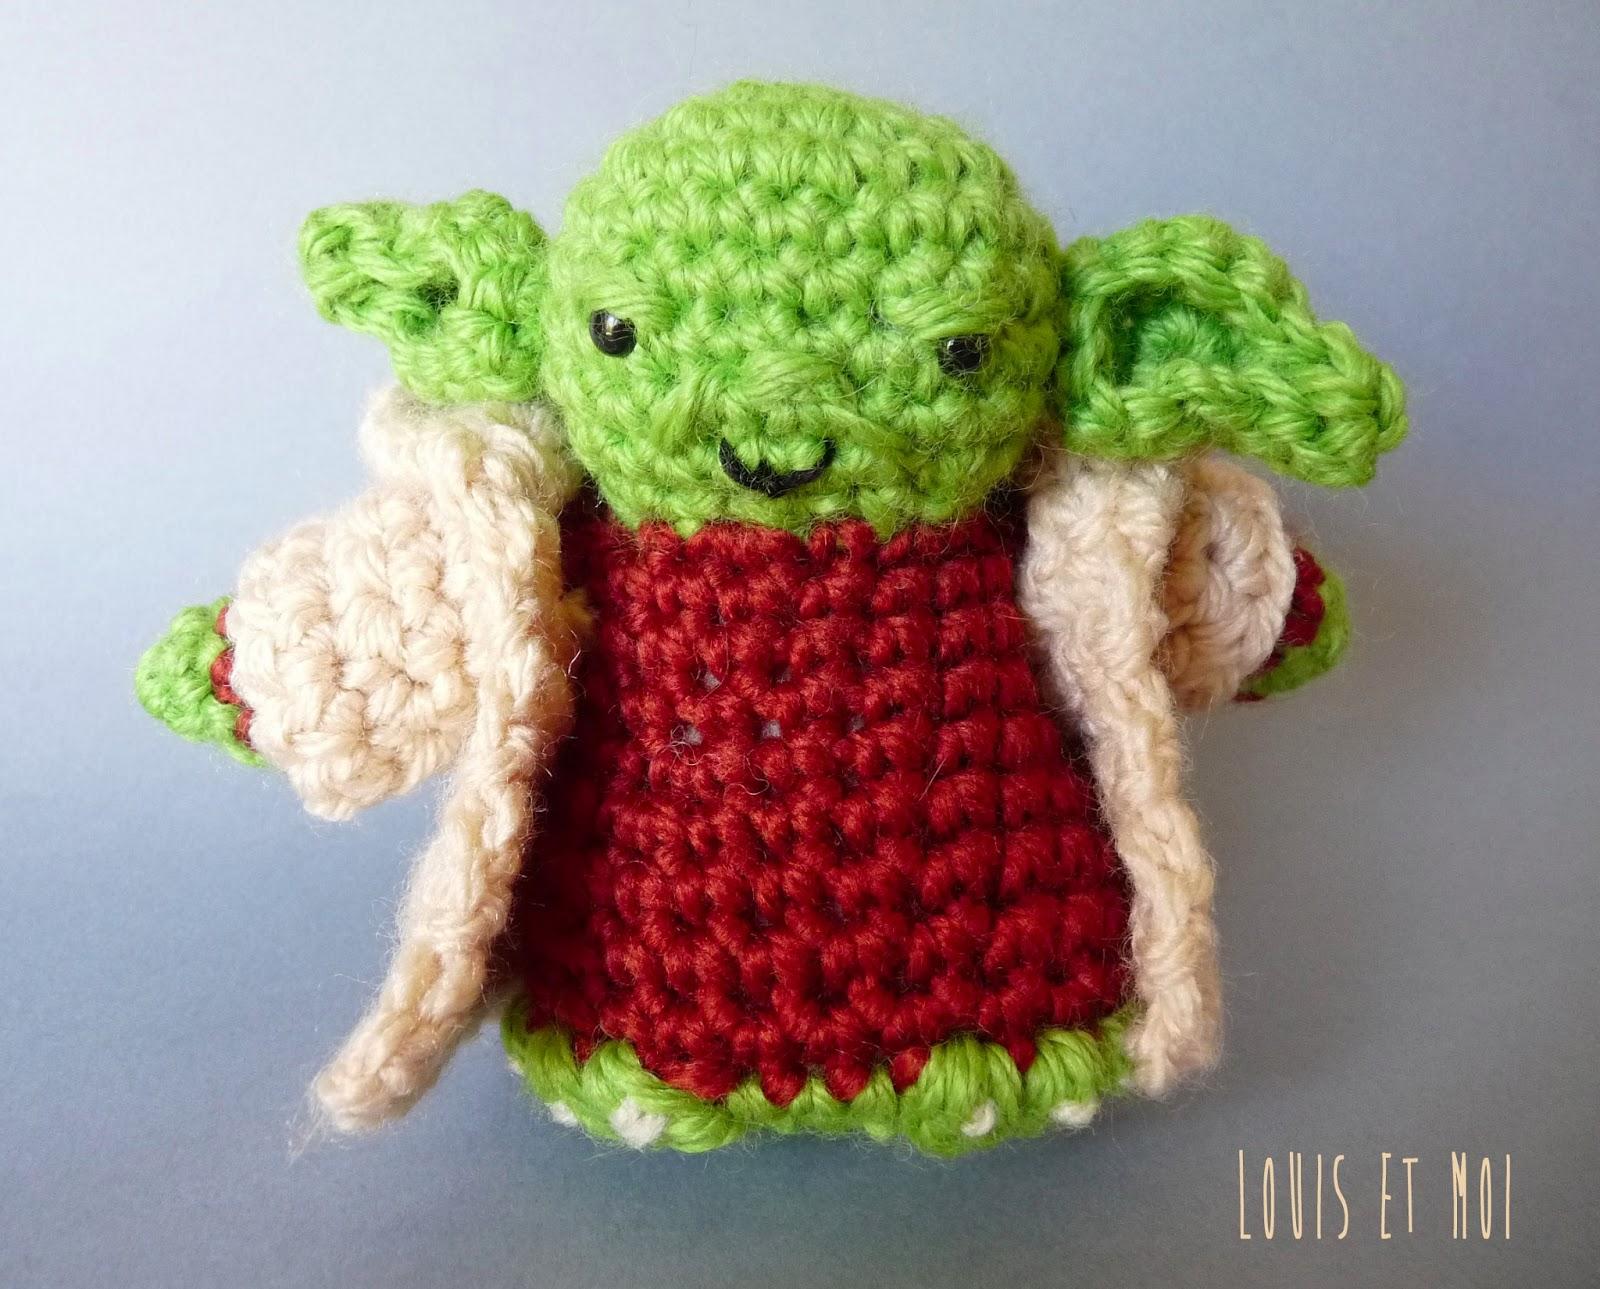 Amigurumi Maestro Yoda : Louis et Moi (cosen y hacen crochet): junio 2013